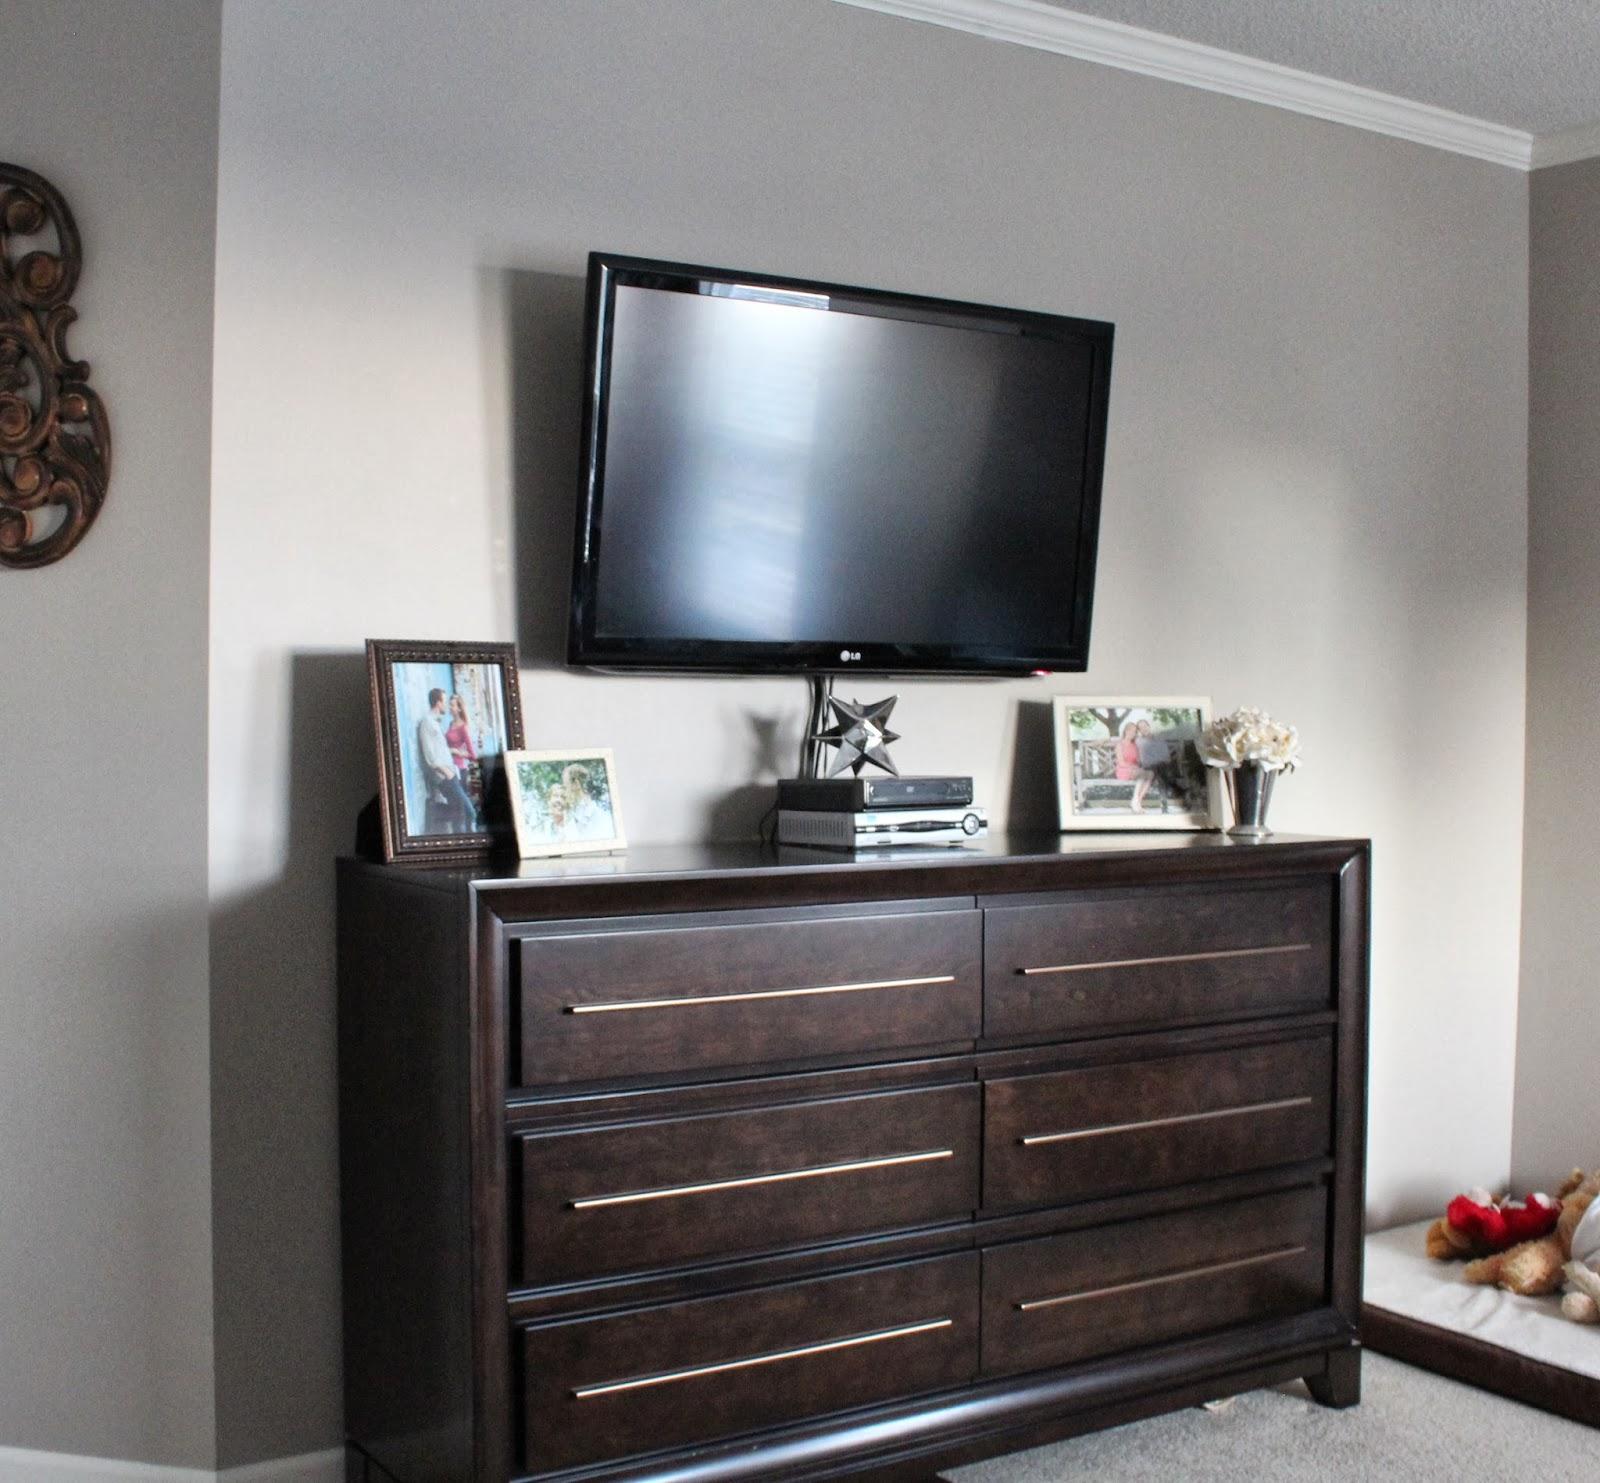 Dresser with tv mount bestdressers 2017 for Bedroom t v dressers